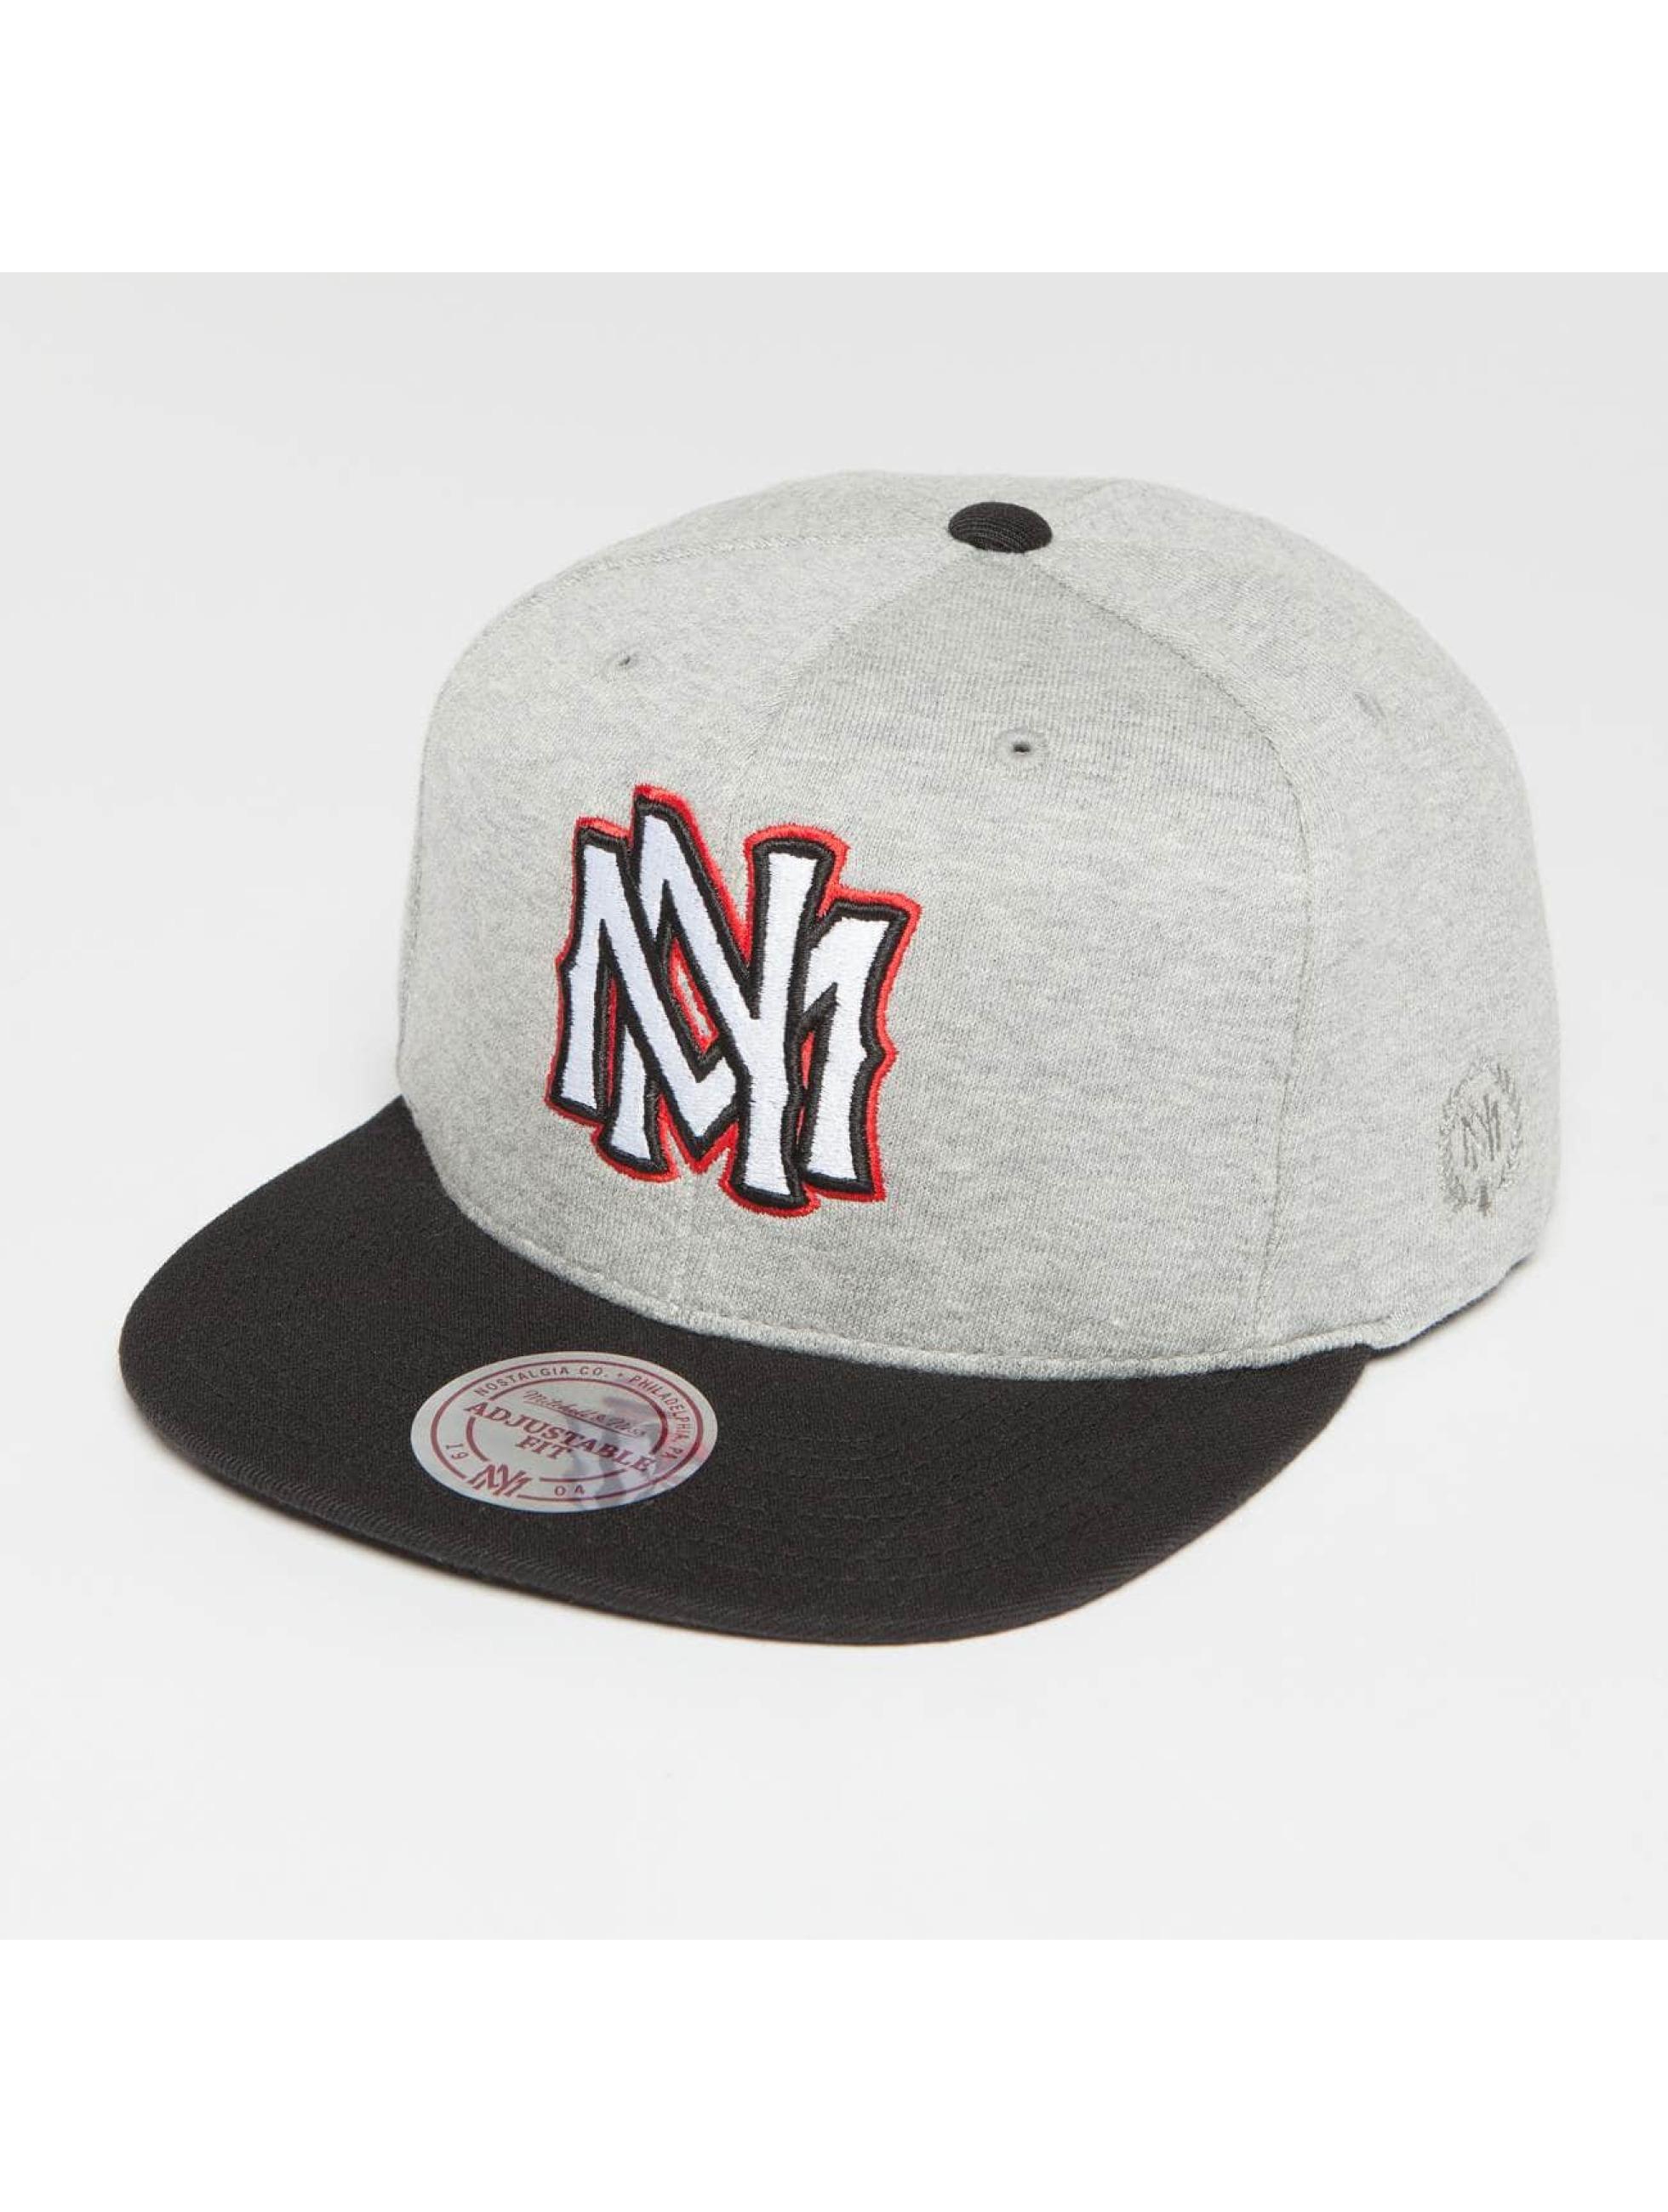 Mitchell & Ness Snapback Cap The 3-Tone gray